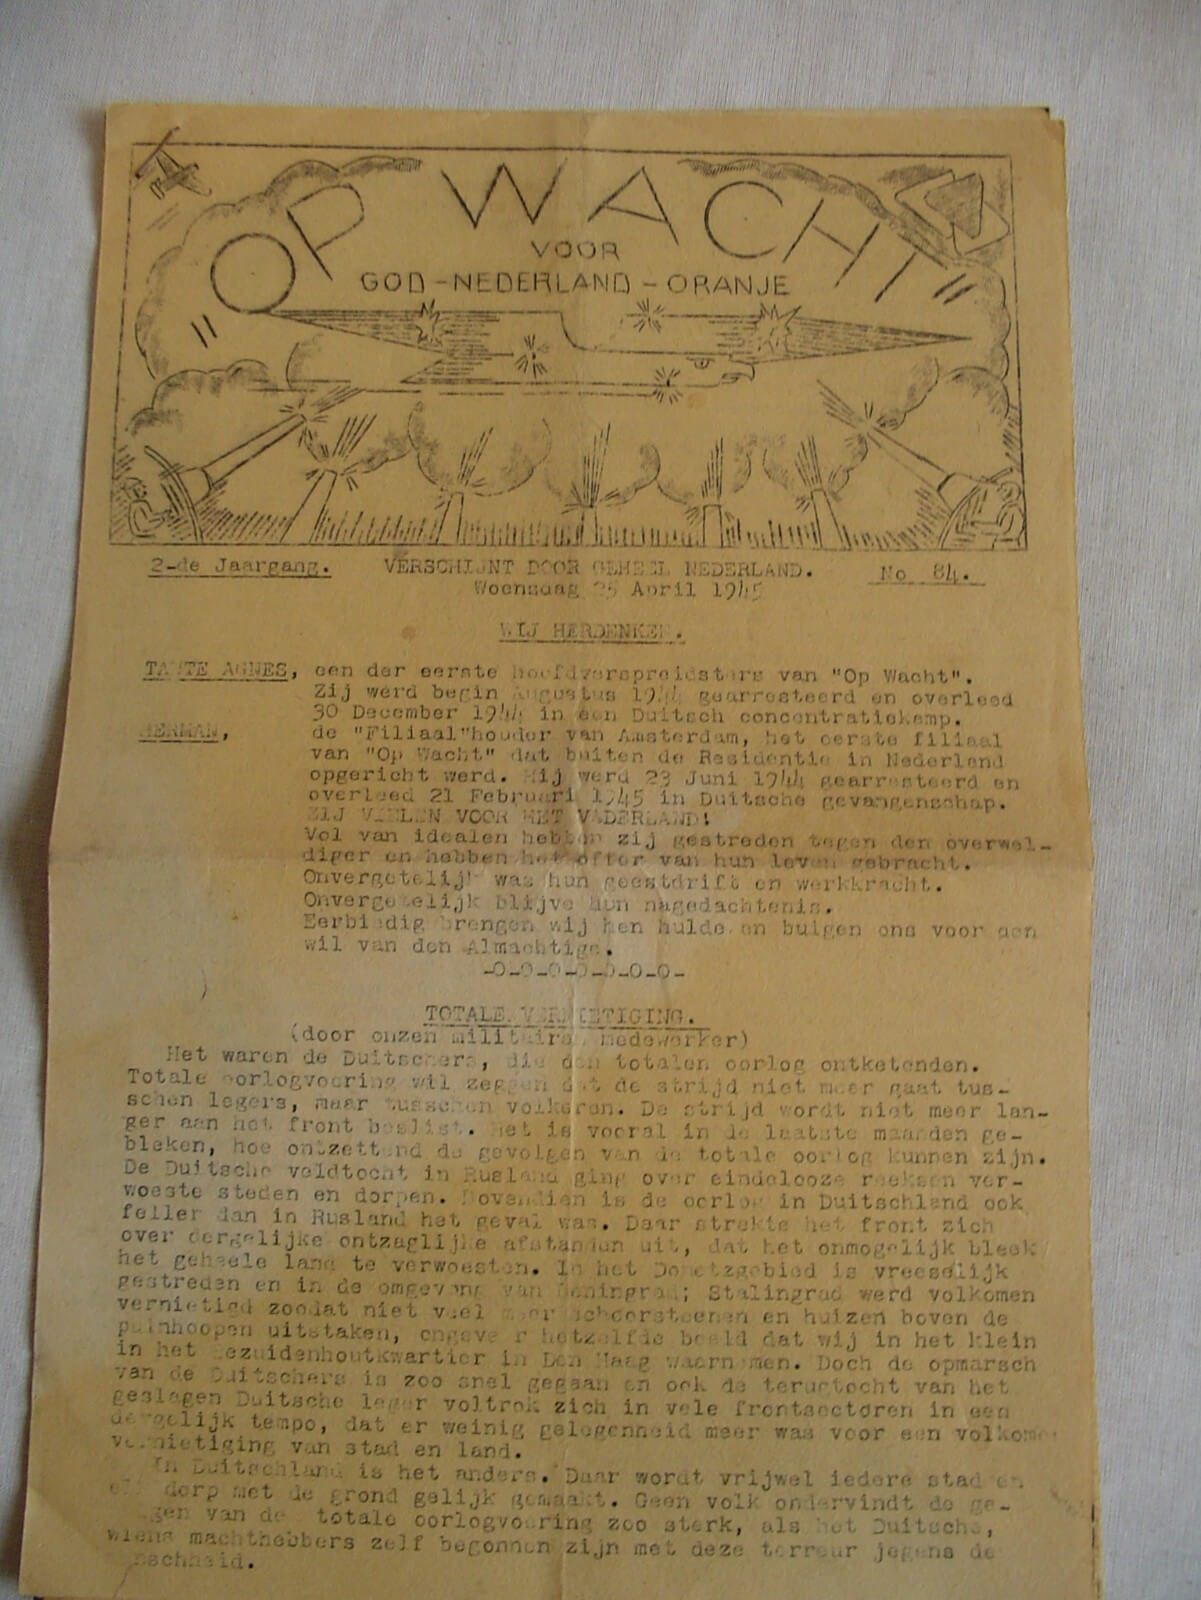 Kranten bevrijding de tweede wereldoorlog krant wo2 1945 op wacht